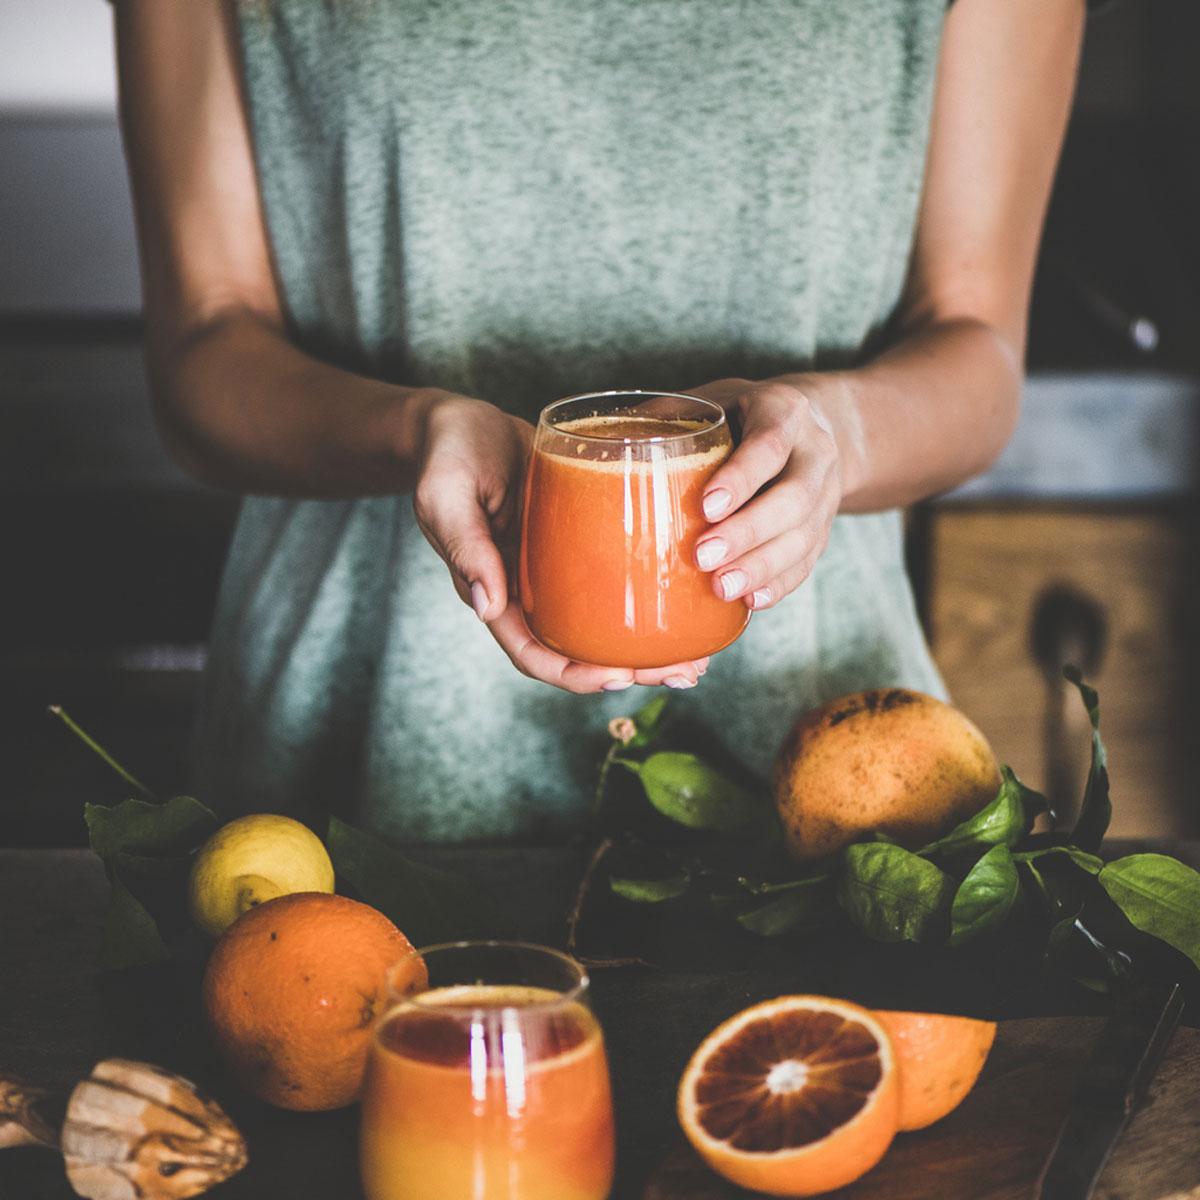 Kış detoksu nasıl yapılır? Kış aylarında hangi besinleri tüketmeliyiz? - Resim: 1